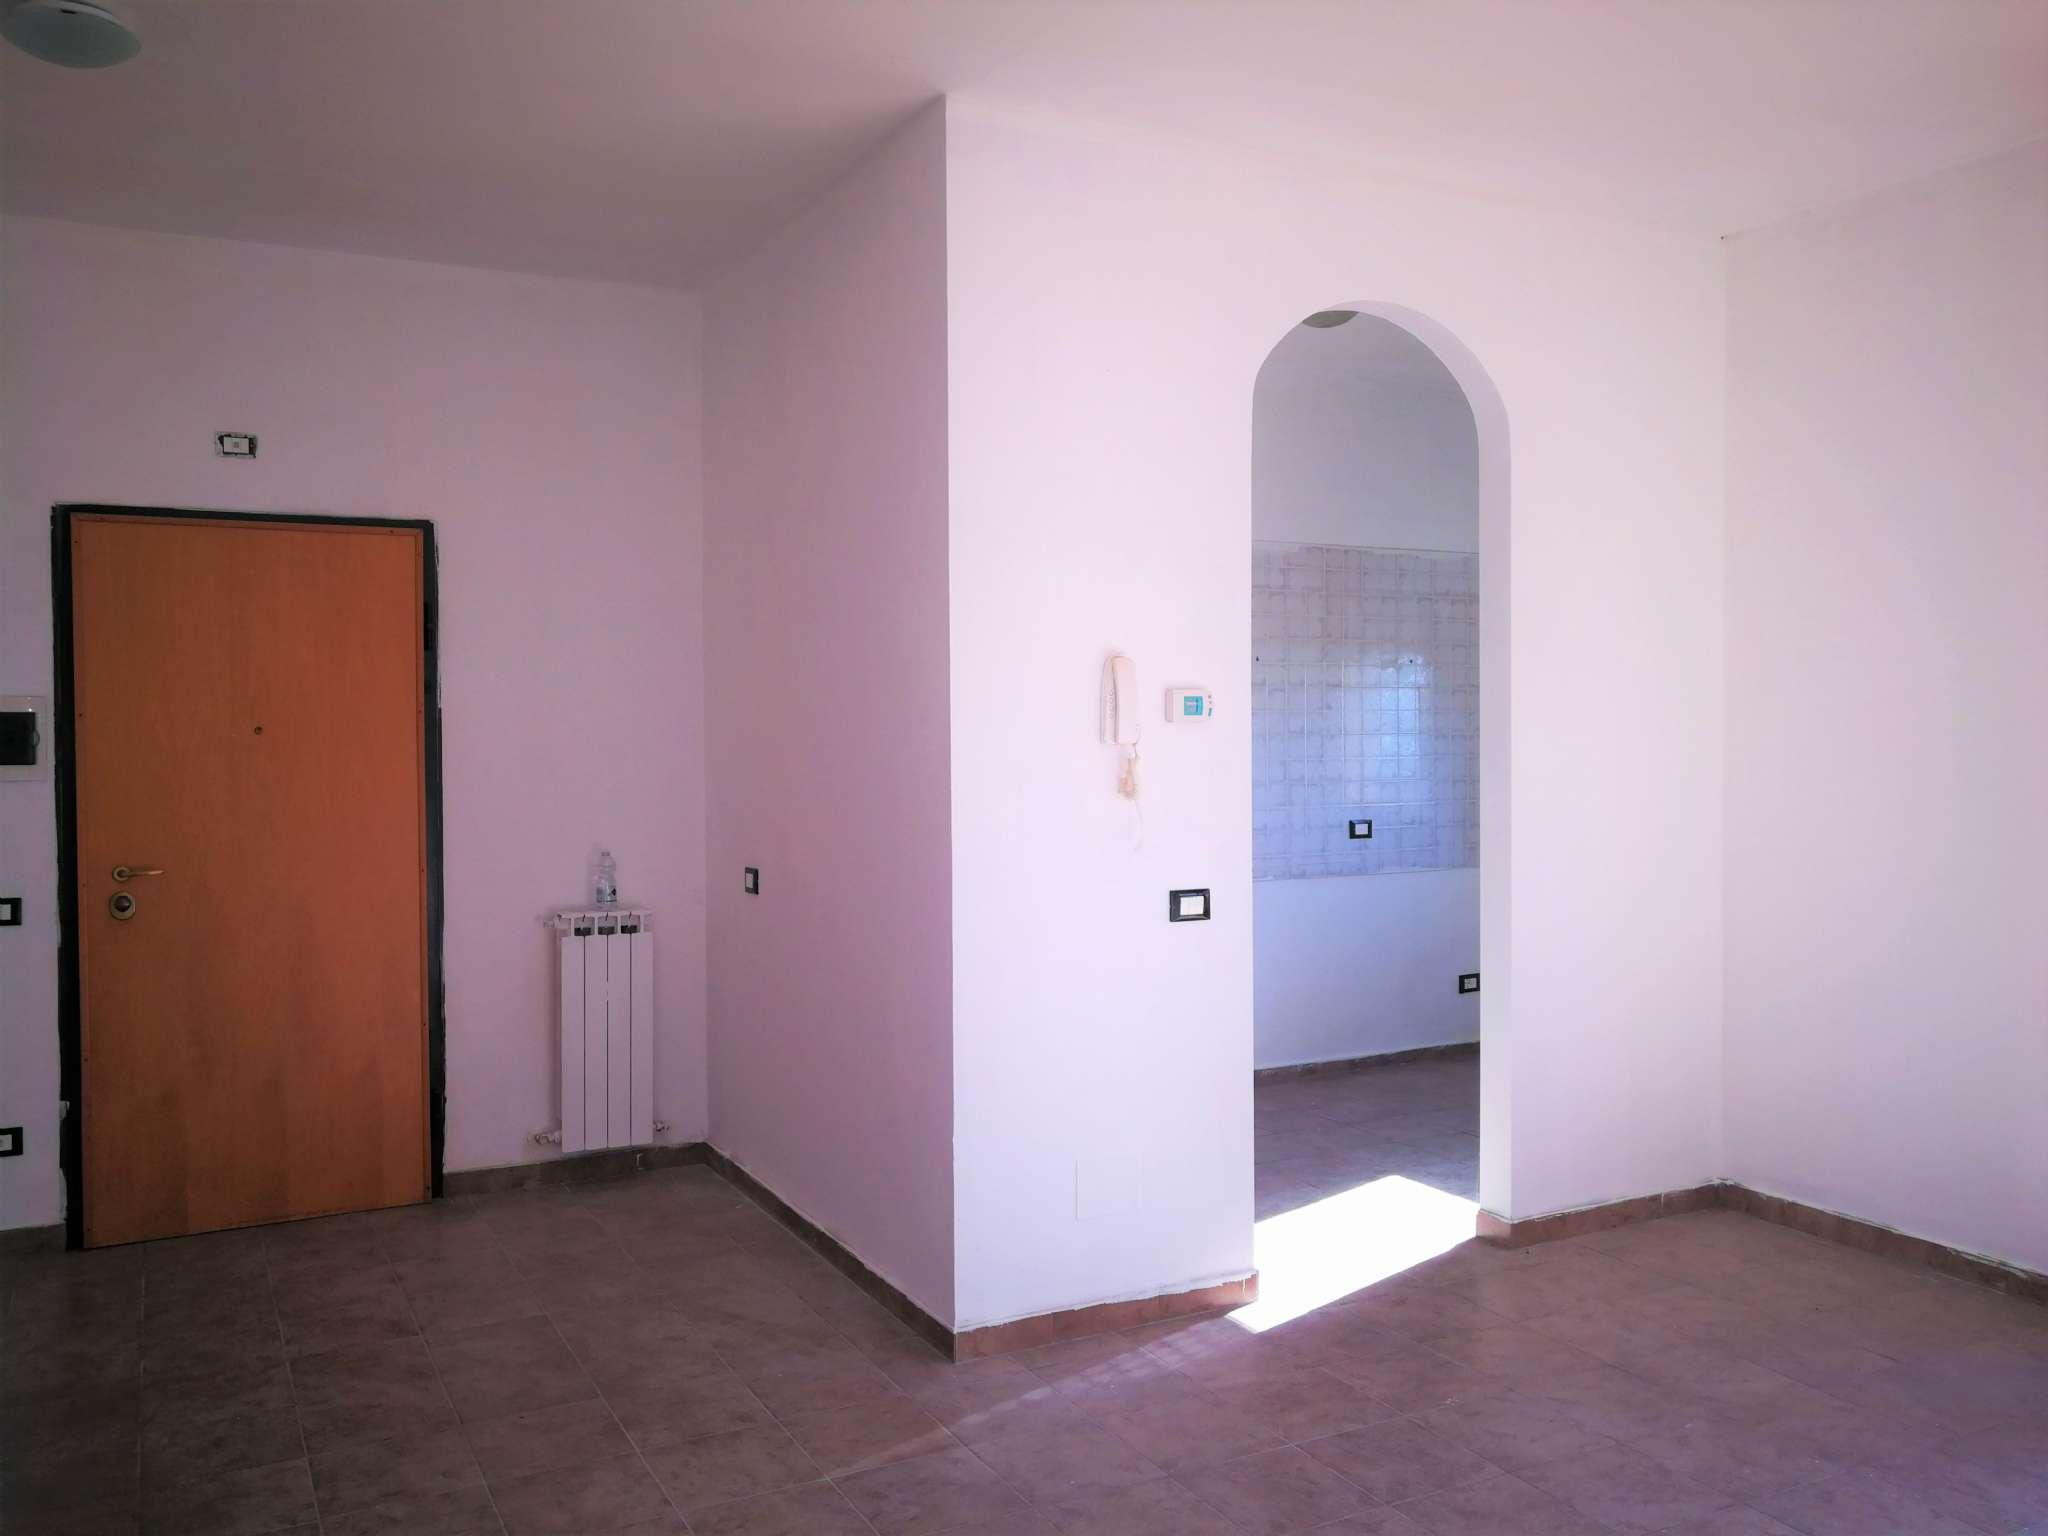 Appartamento in vendita a Santo Stefano Ticino, 3 locali, prezzo € 120.000 | PortaleAgenzieImmobiliari.it